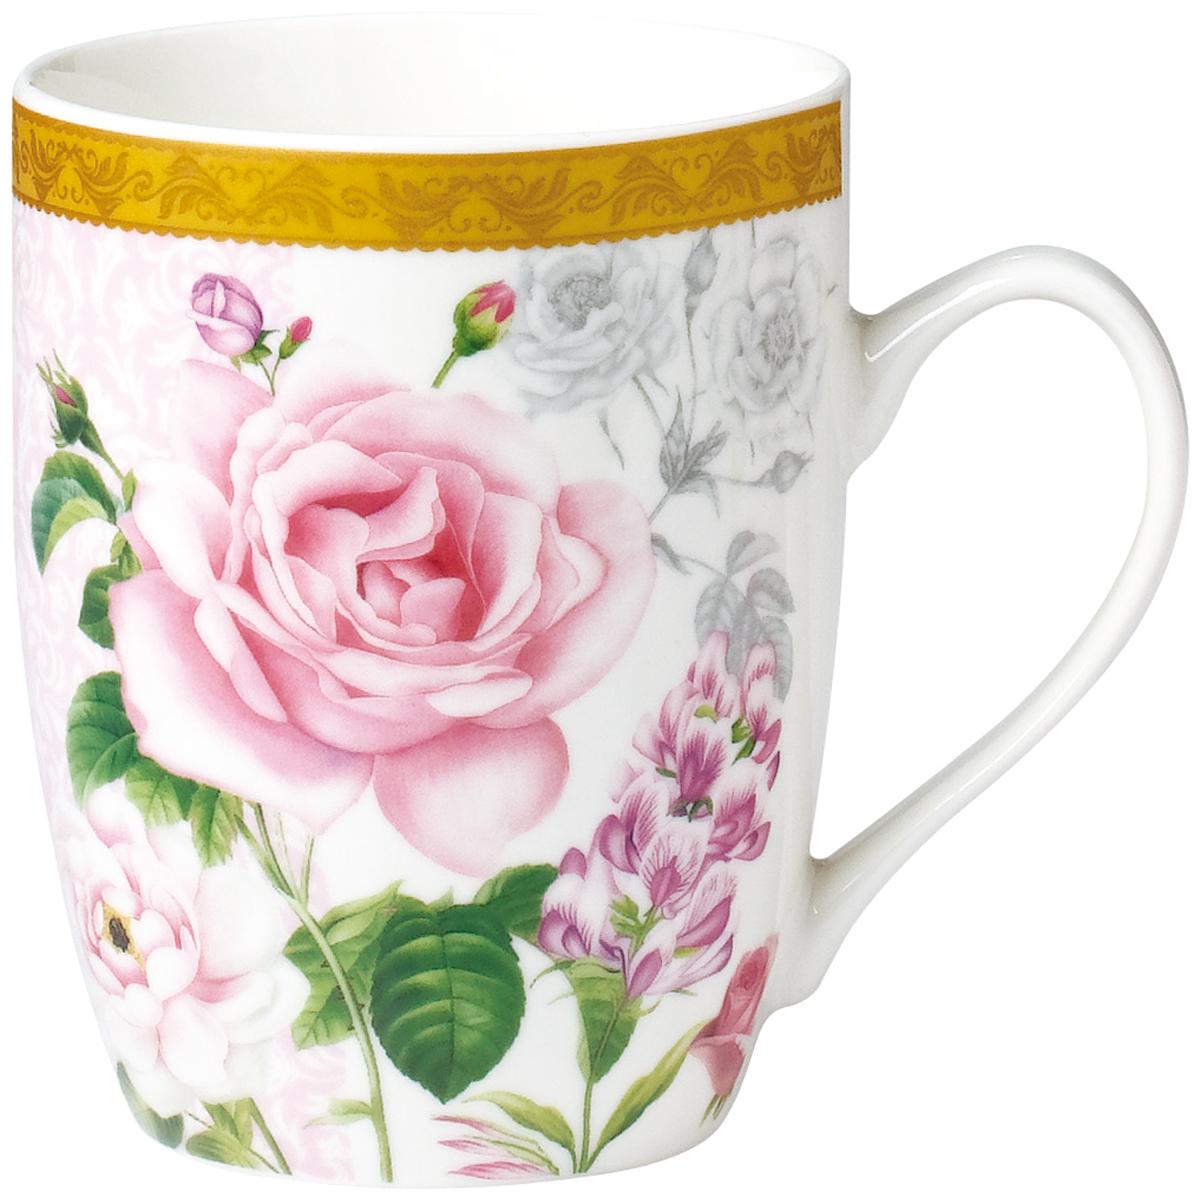 """Кружка Rainbow """"Аромат Розы"""" выполнена из высококачественного фарфора. Посуда из такого материала позволяет сохранить истинный вкус напитка, а также помогает дольше оставаться теплым. Кружка оснащена очень удобной ручкой."""